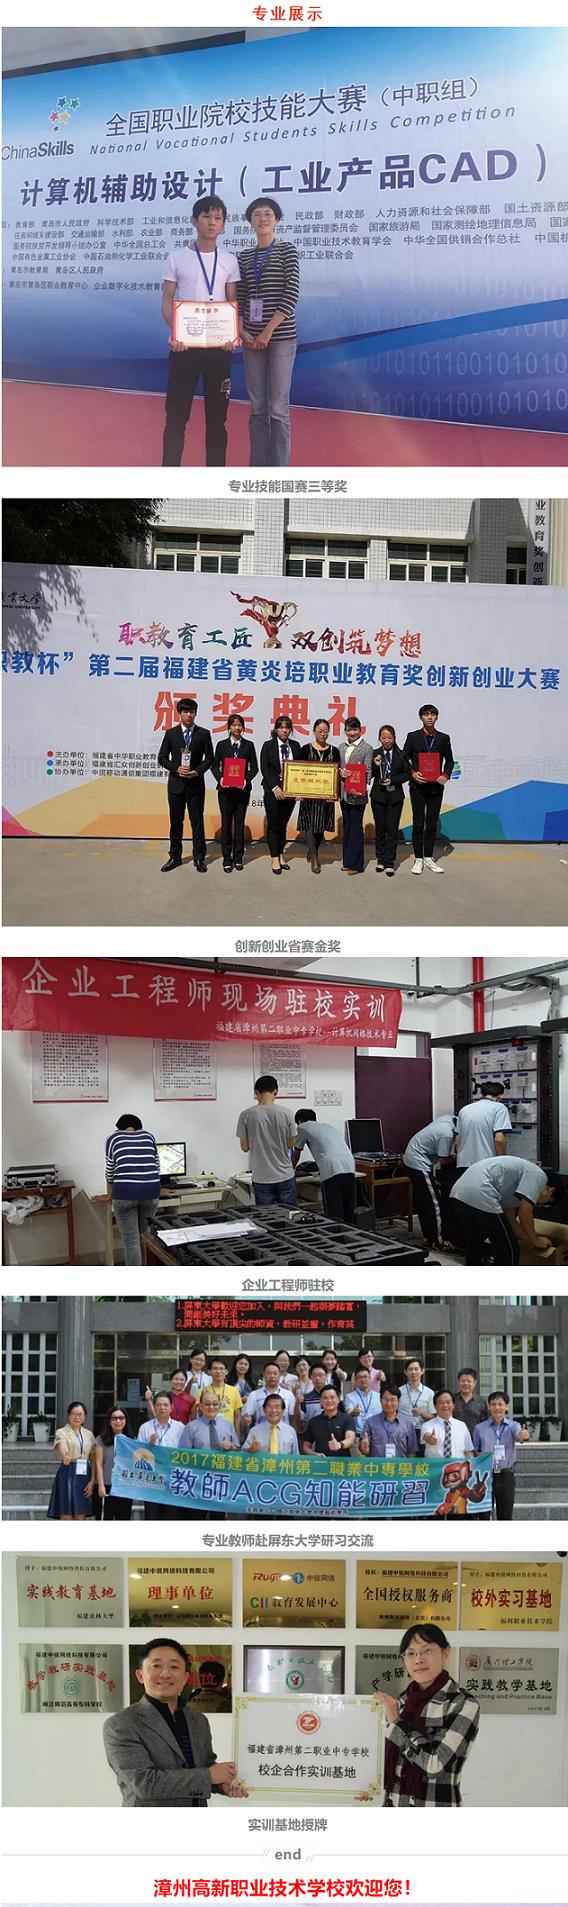 漳州高新职业技术学校